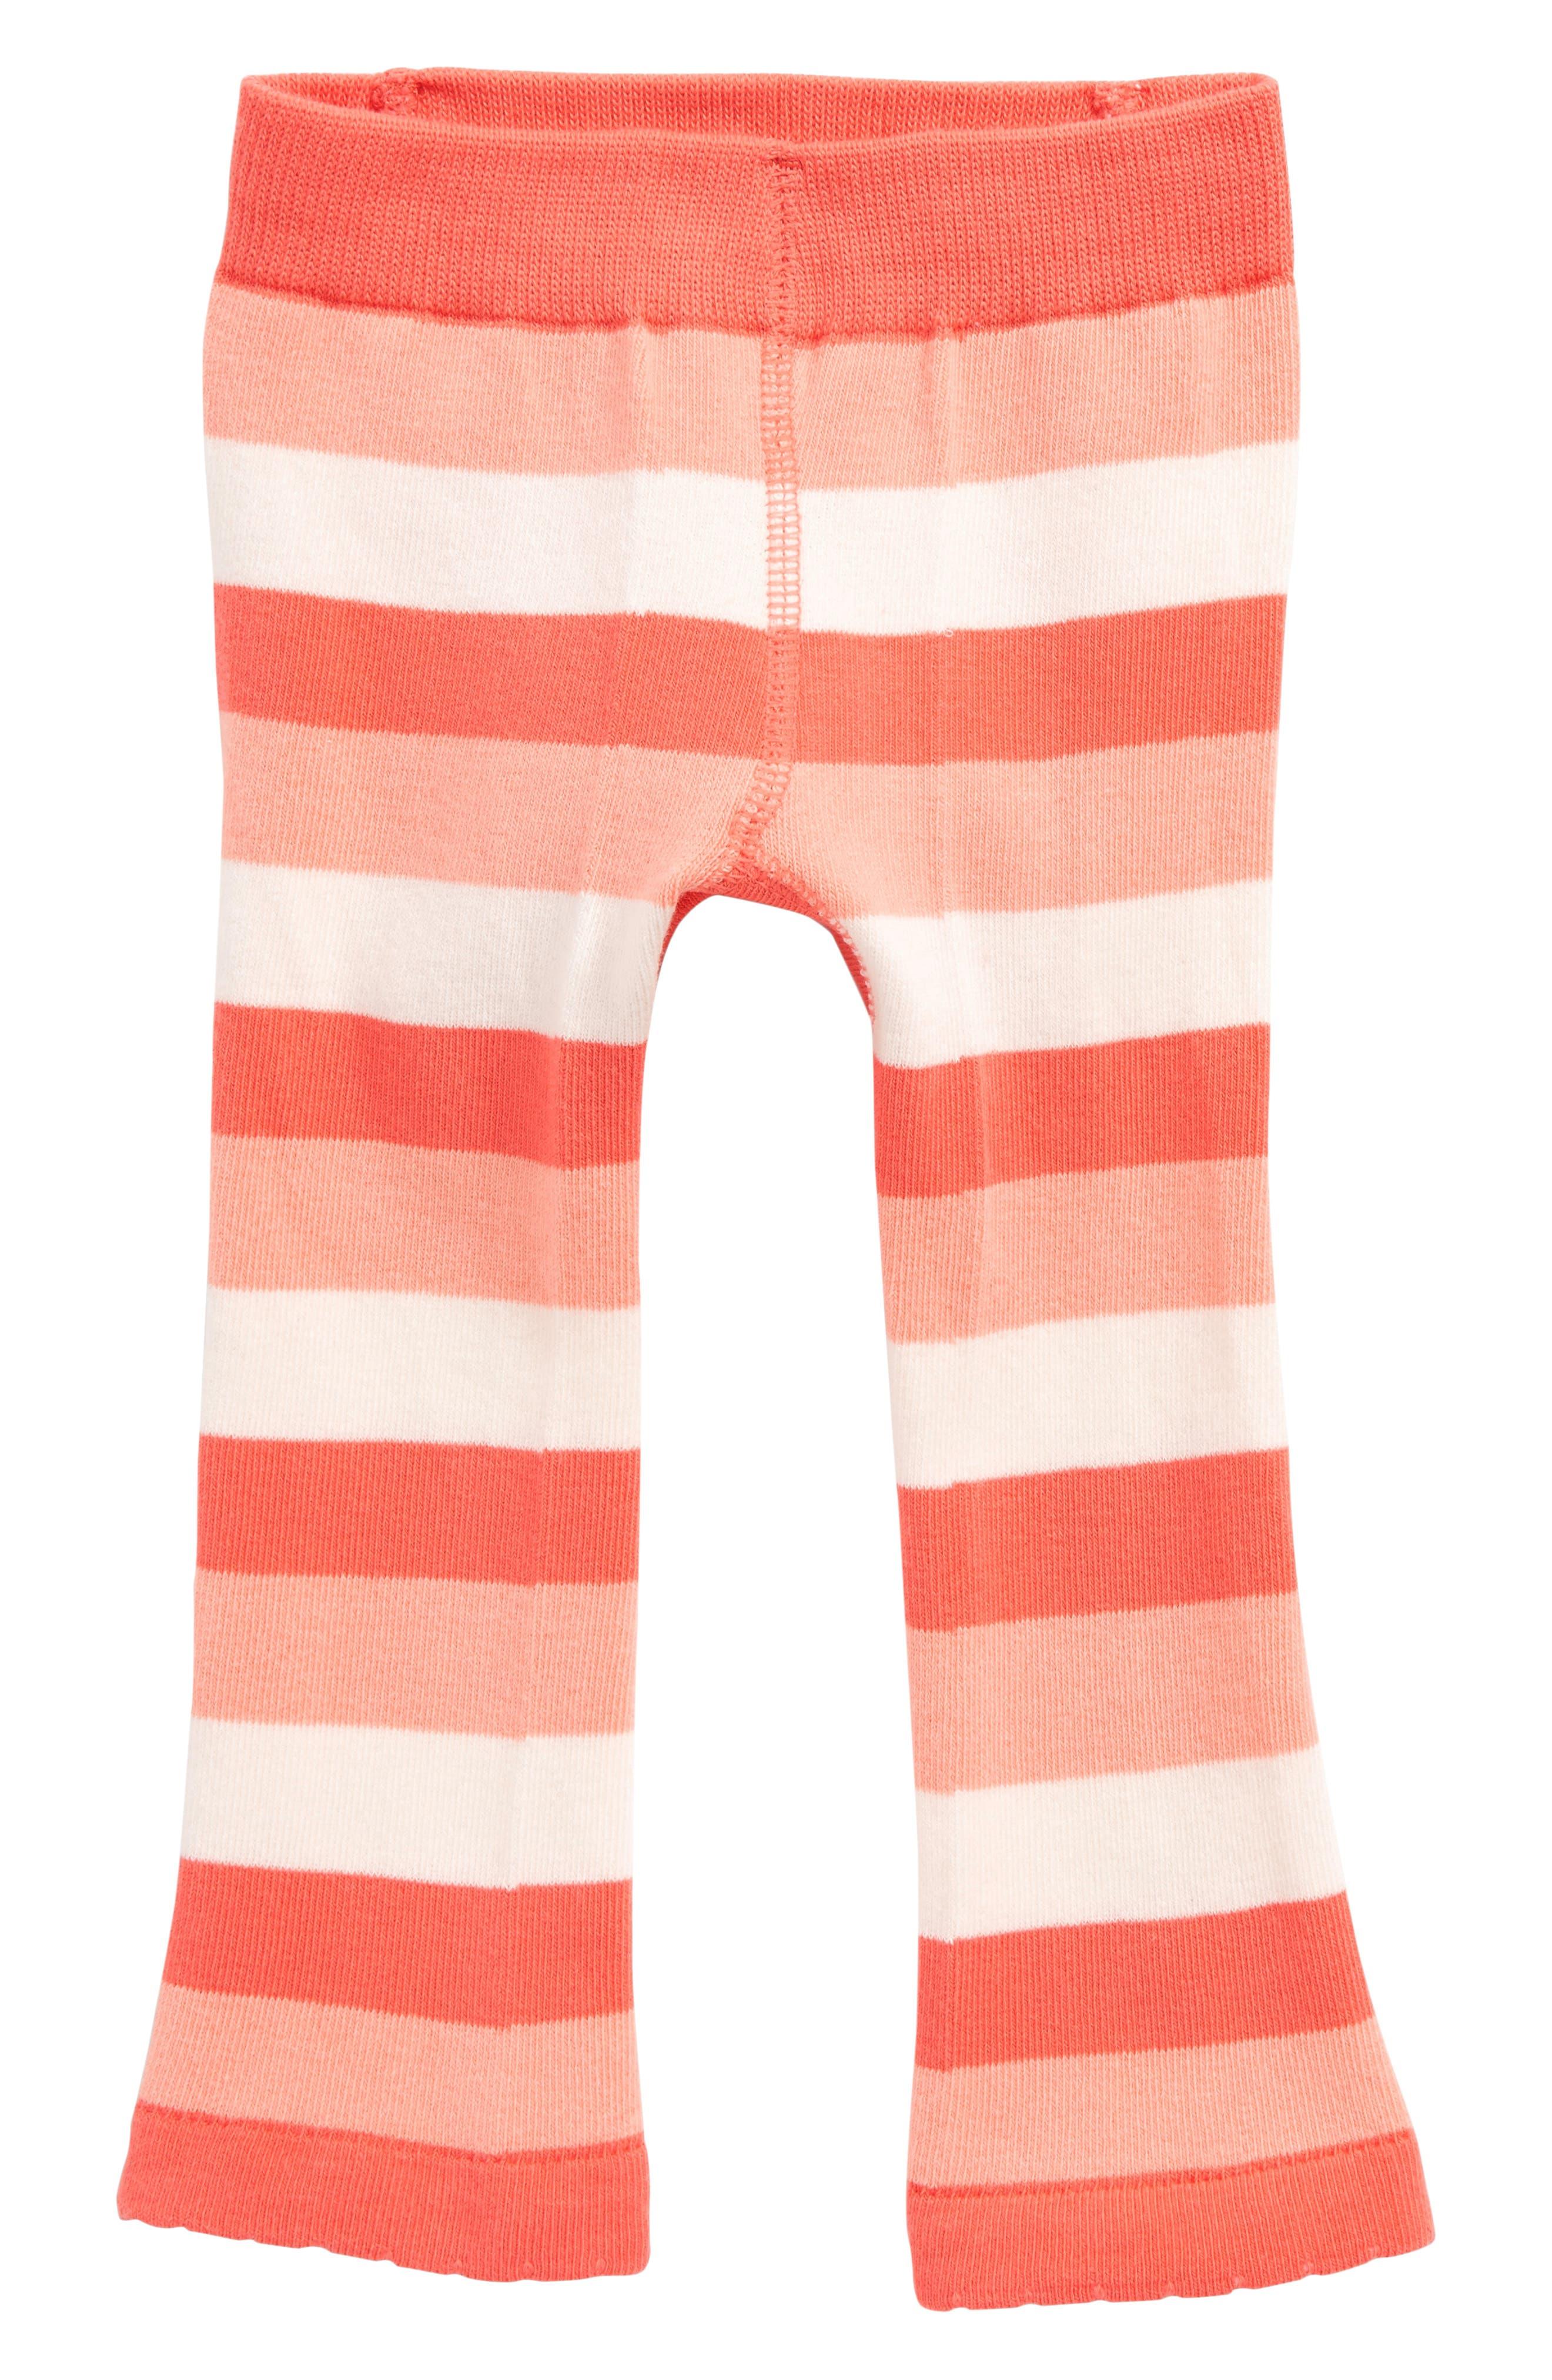 Flamingo Leggings,                         Main,                         color, 950